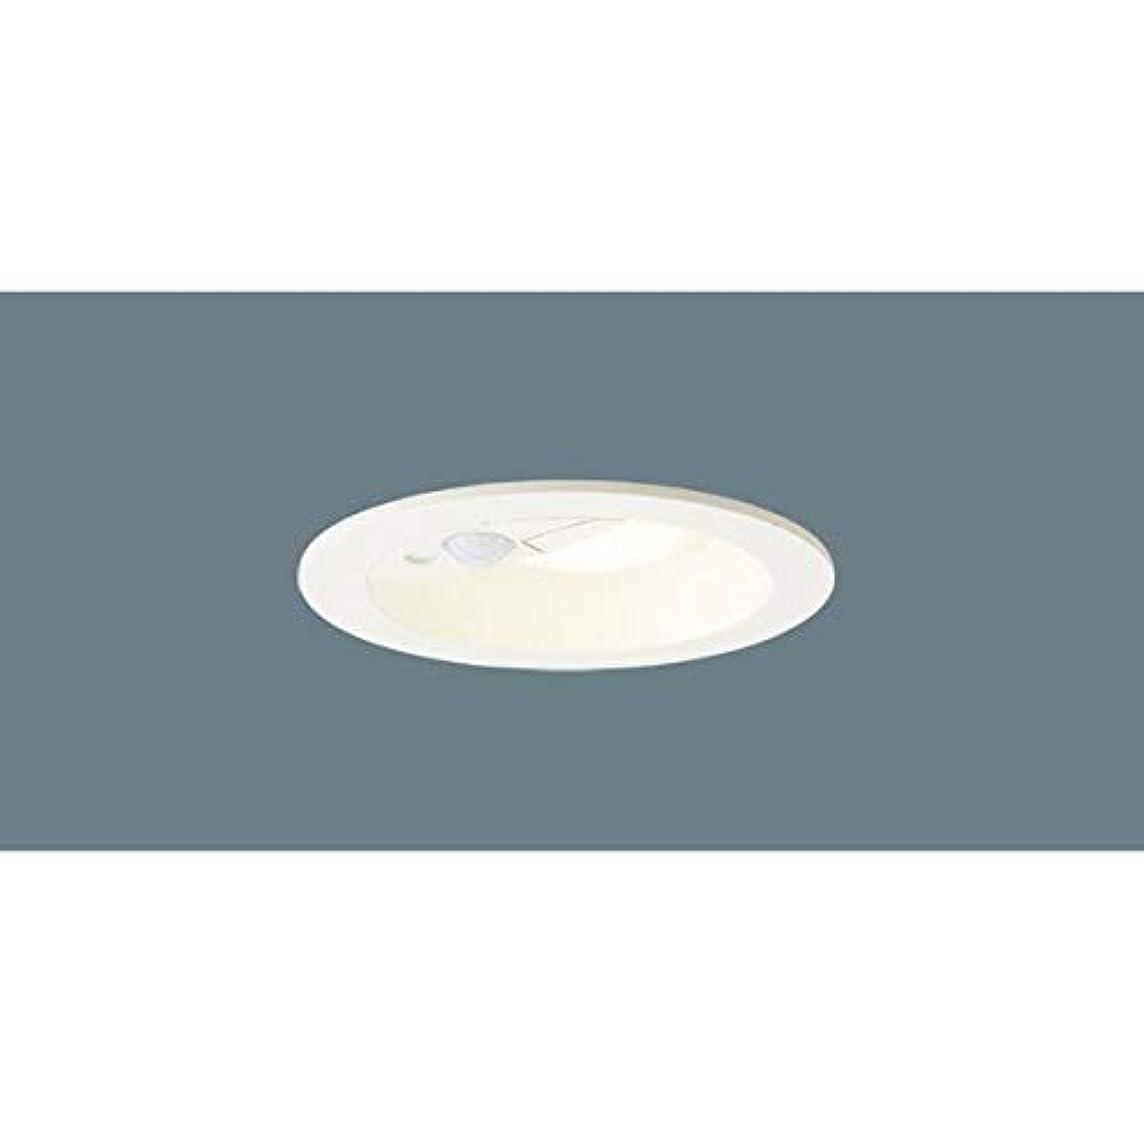 戦艦人種奪うPANASONIC LRDC1103VLE1 [天井埋込型 LED(温白色) 軒下用ダウンライト 防雨型]